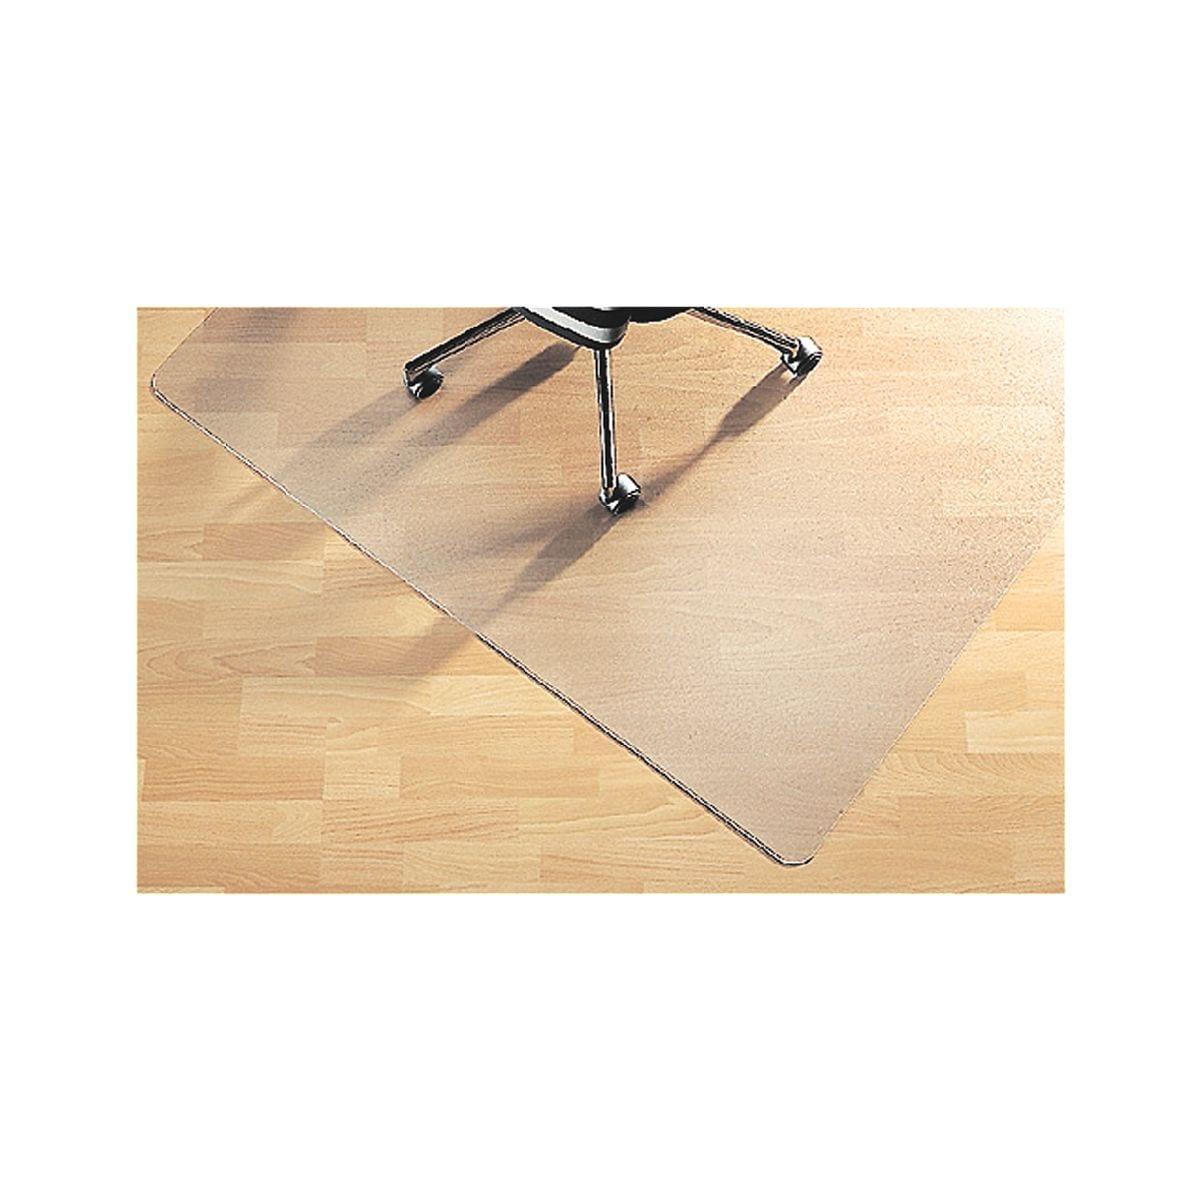 bodenschutzmatte f r hartb den polycarbonat rechteck 75 x 120 cm otto office premium bei. Black Bedroom Furniture Sets. Home Design Ideas